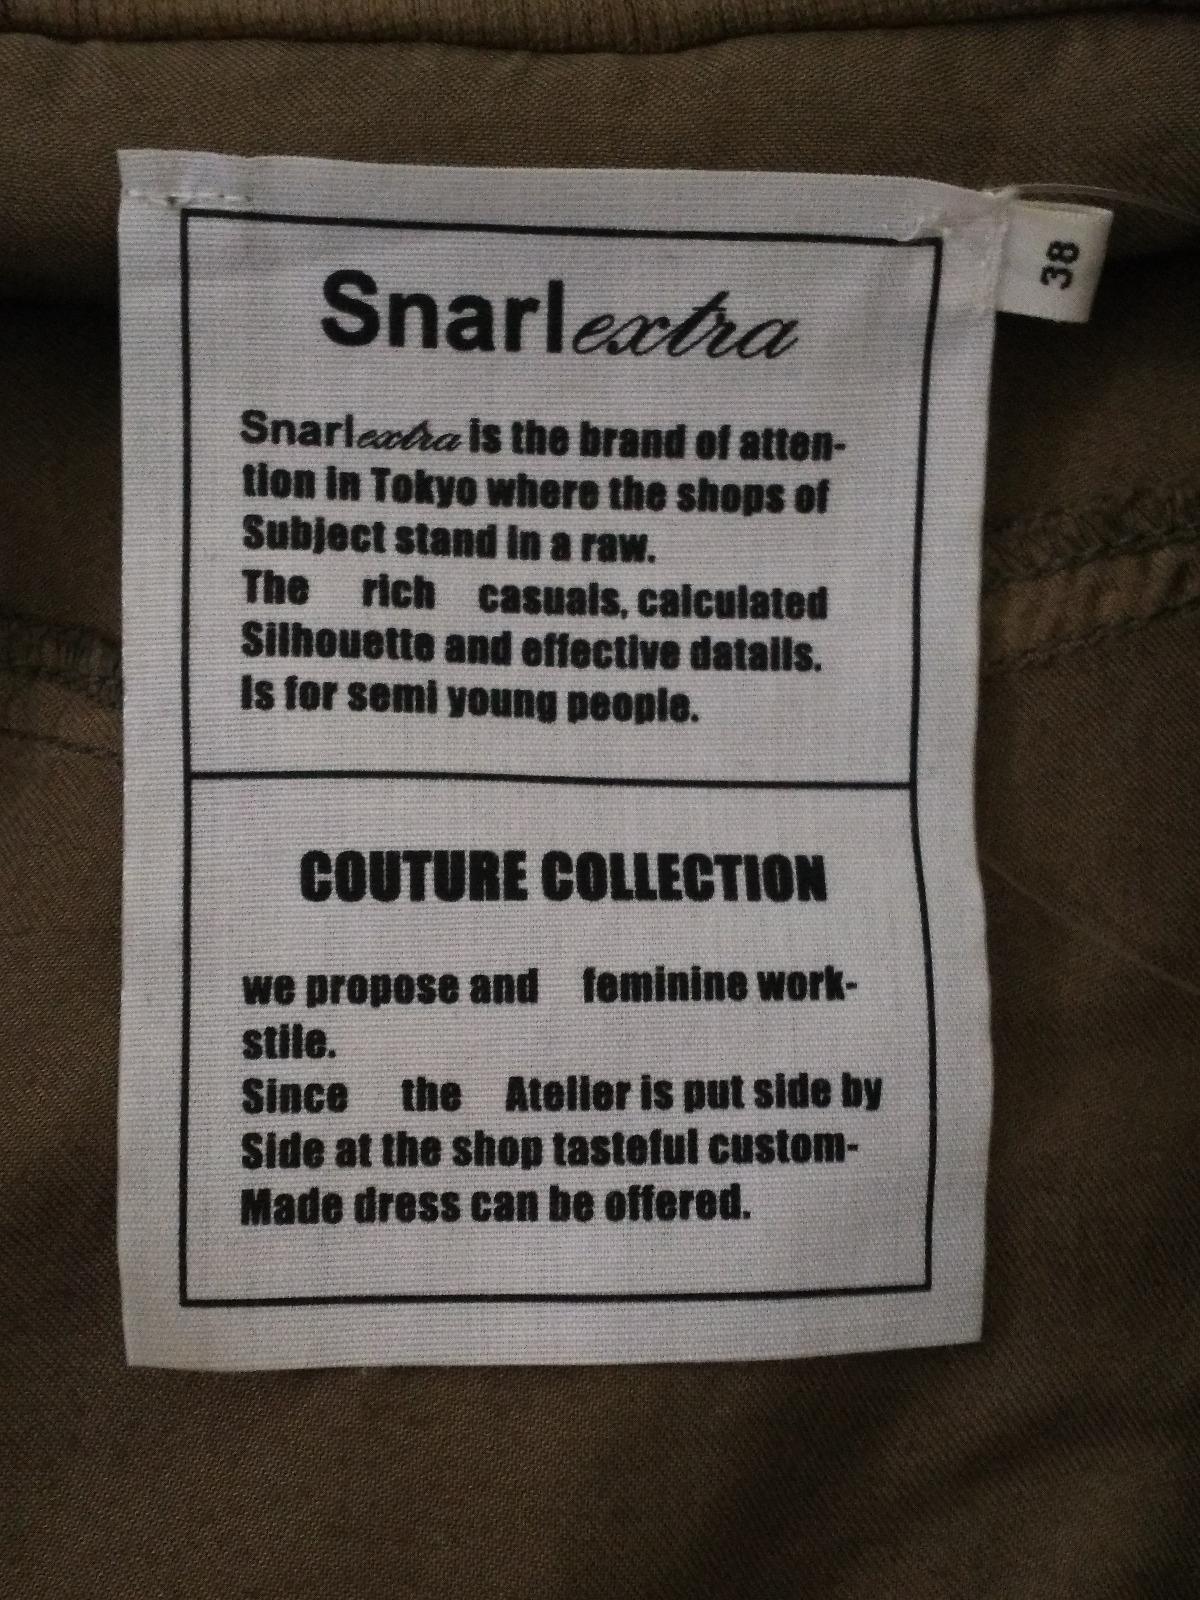 Snarl extra(スナールエクストラ)のブルゾン